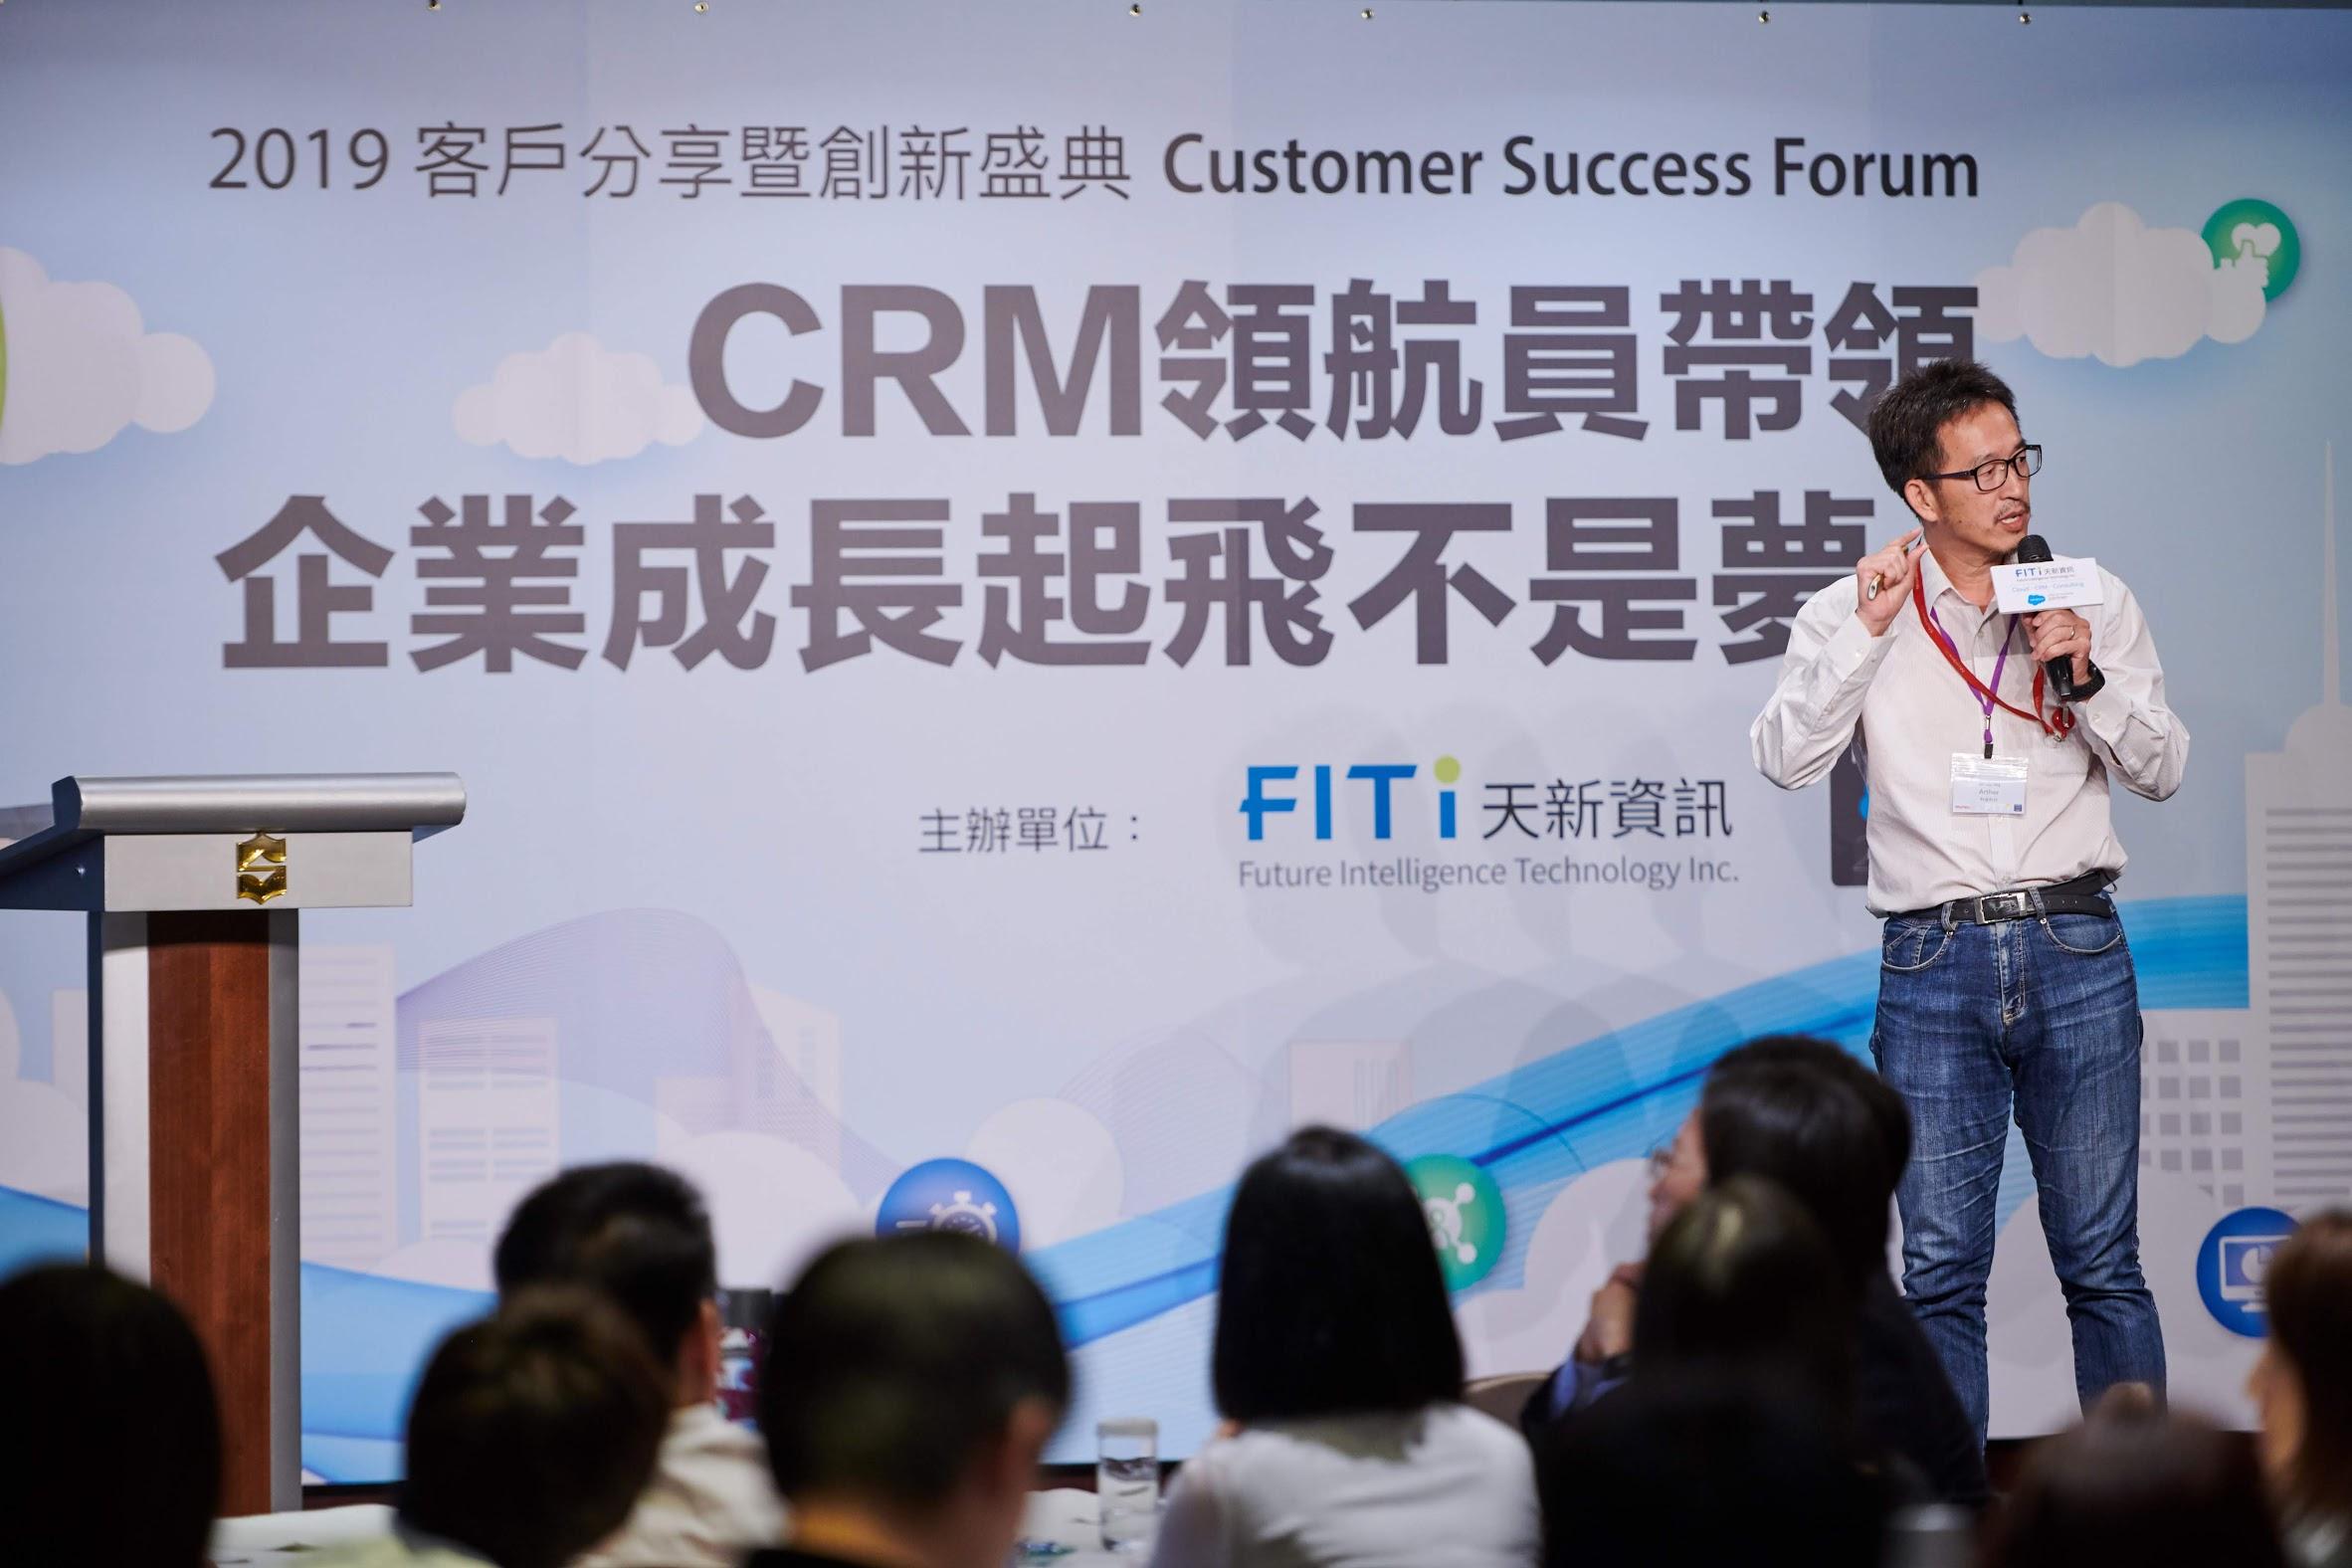 想要企業轉型成功,您一定要知道CRM 導入、使用成功的五大重點